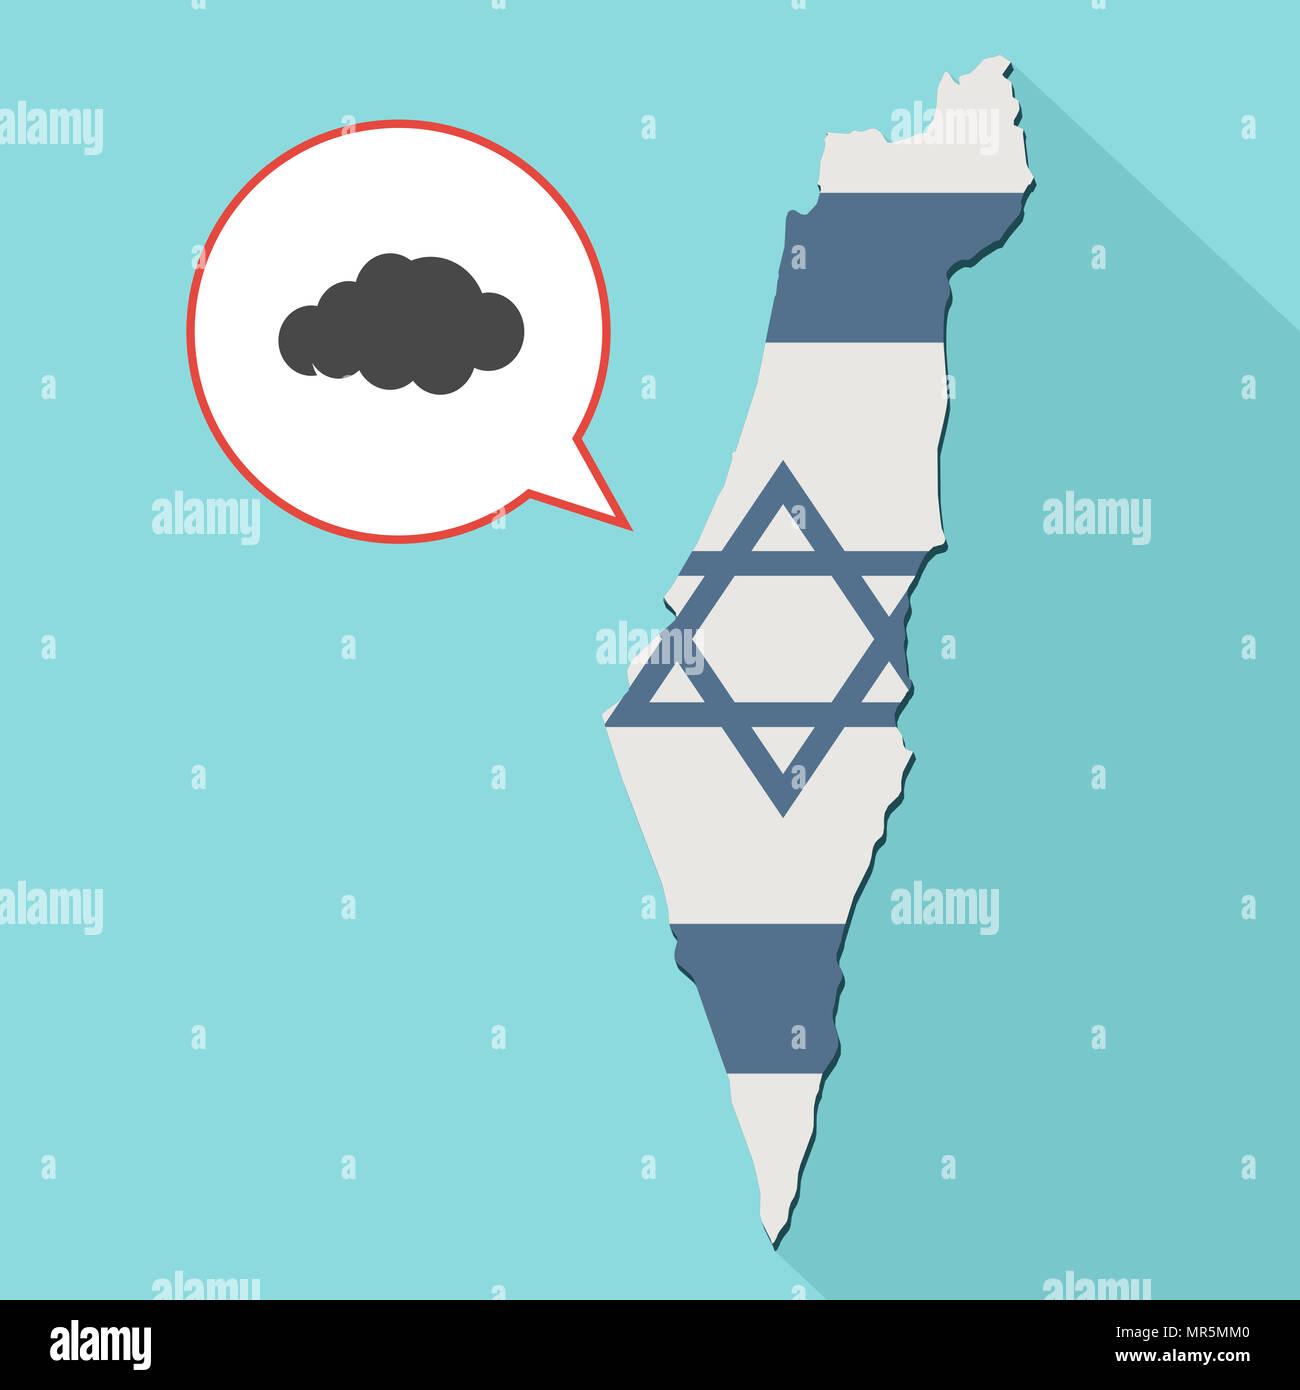 Illustrazione di una lunga ombra Israele mappa con la sua bandiera e un palloncino di fumetti con una nuvola Immagini Stock